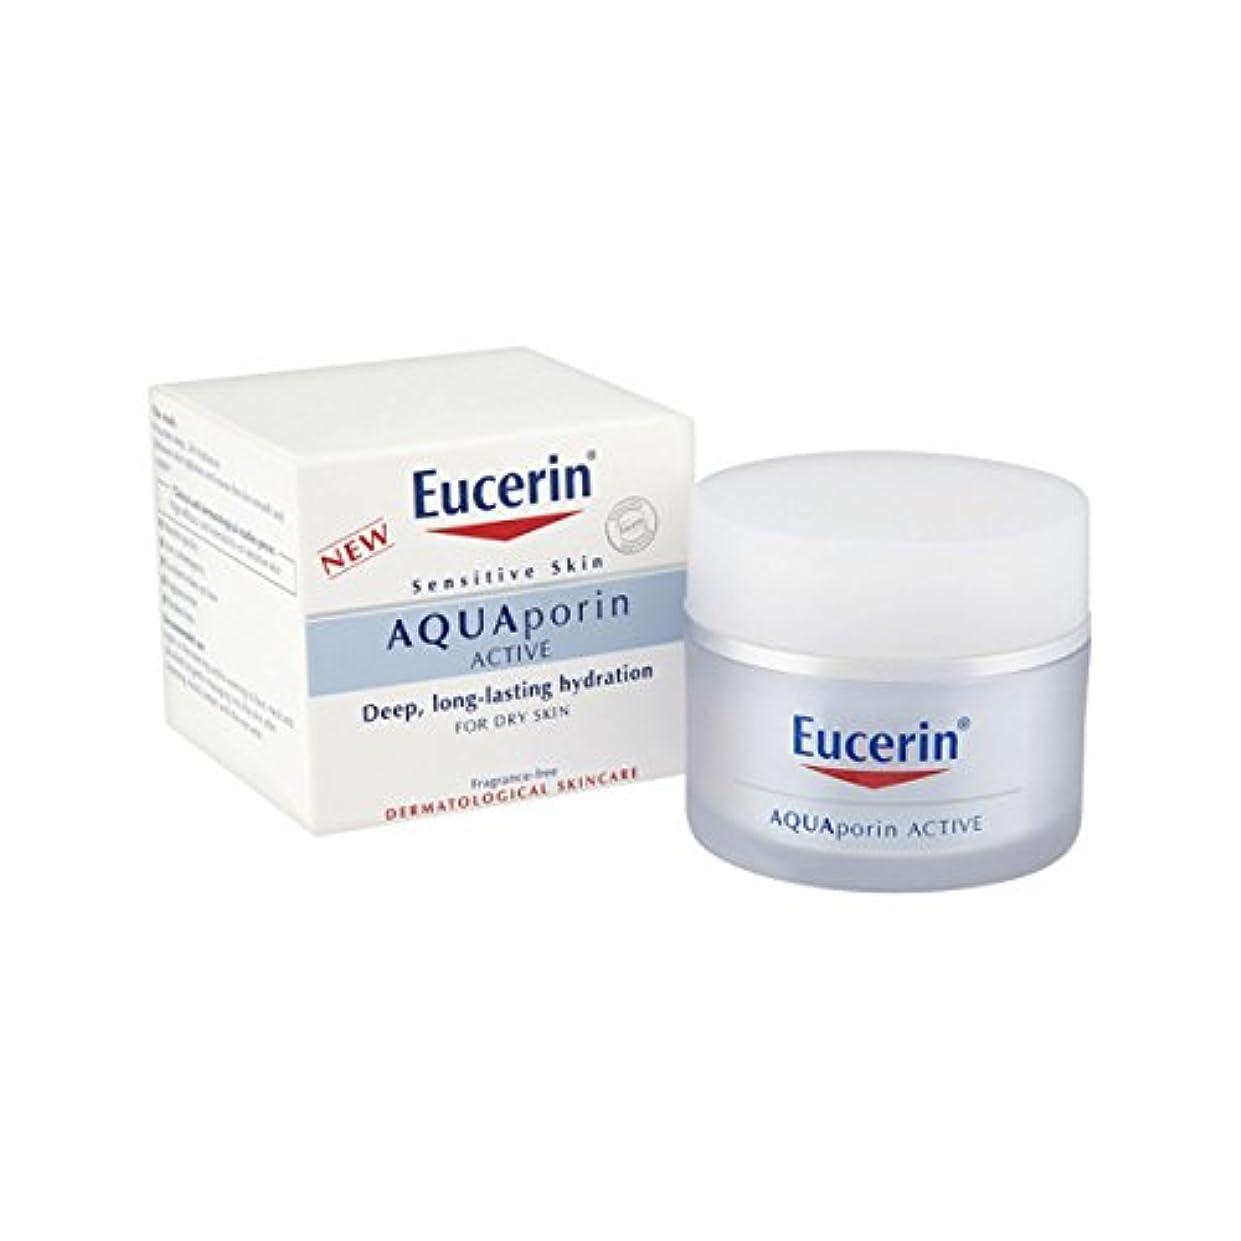 定規復活させる閃光Eucerin Aquaporin Active Dry Skin 50ml [並行輸入品]